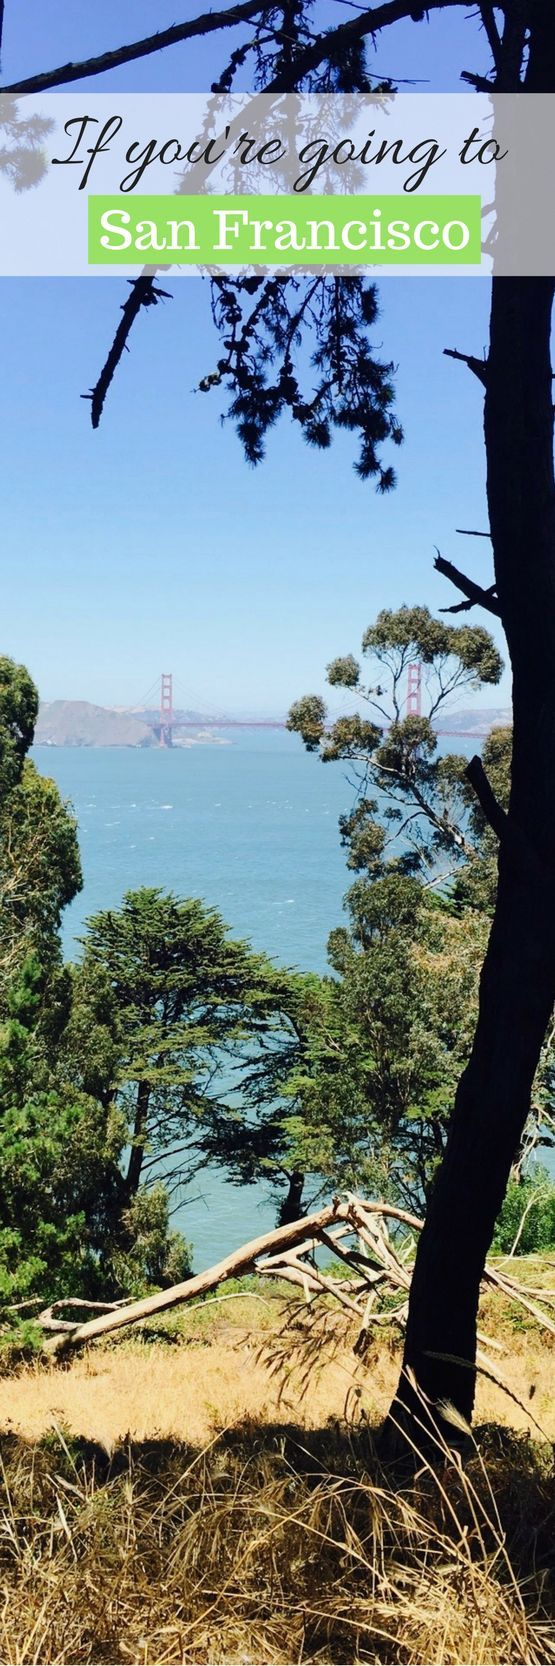 Auf unserem Roadtrip ging es nach New York weiter nach San Francisco. Einmal von Osten nach Westen. San Francisco ist toll. Und es gibt ne Menge zu erleben in der Stadt am Pazifik. Das schönste aber für mich ist die Golden Gate Bridge. Die Brücke ist DAS